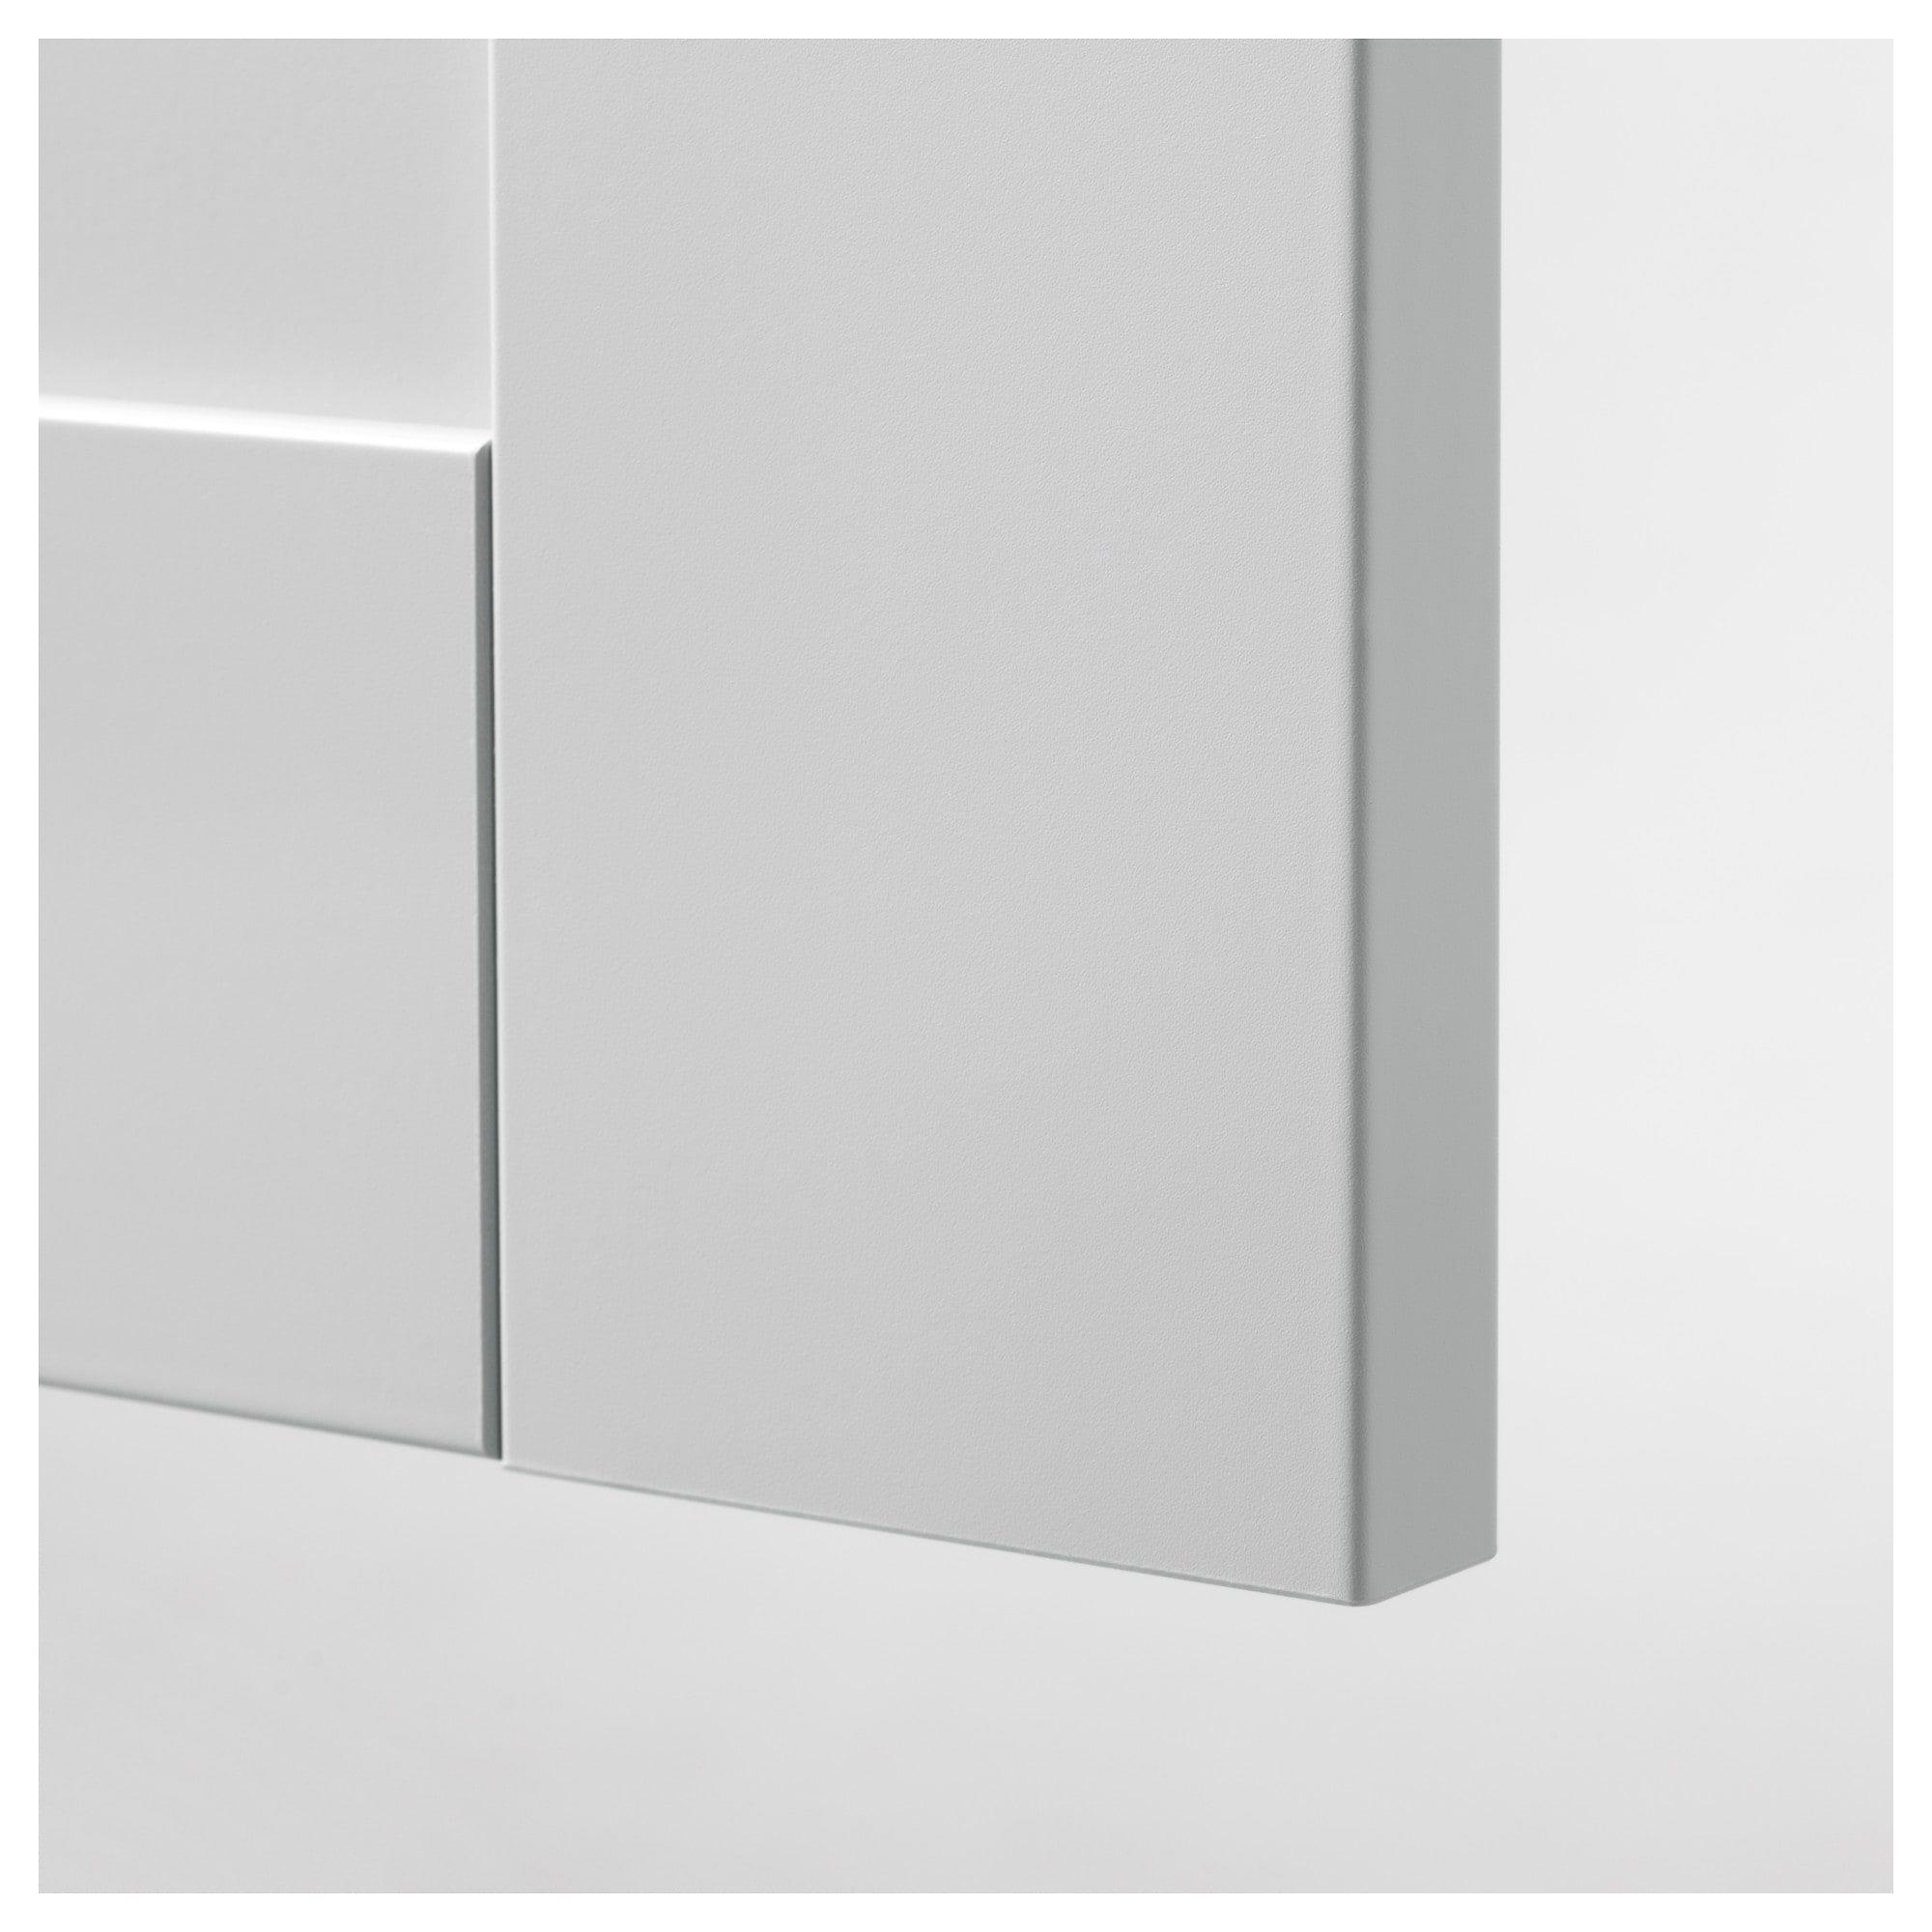 Knoxhult Wandschrank Mit Tur Grau Ikea Osterreich Wandschrank Schrank Und Ikea